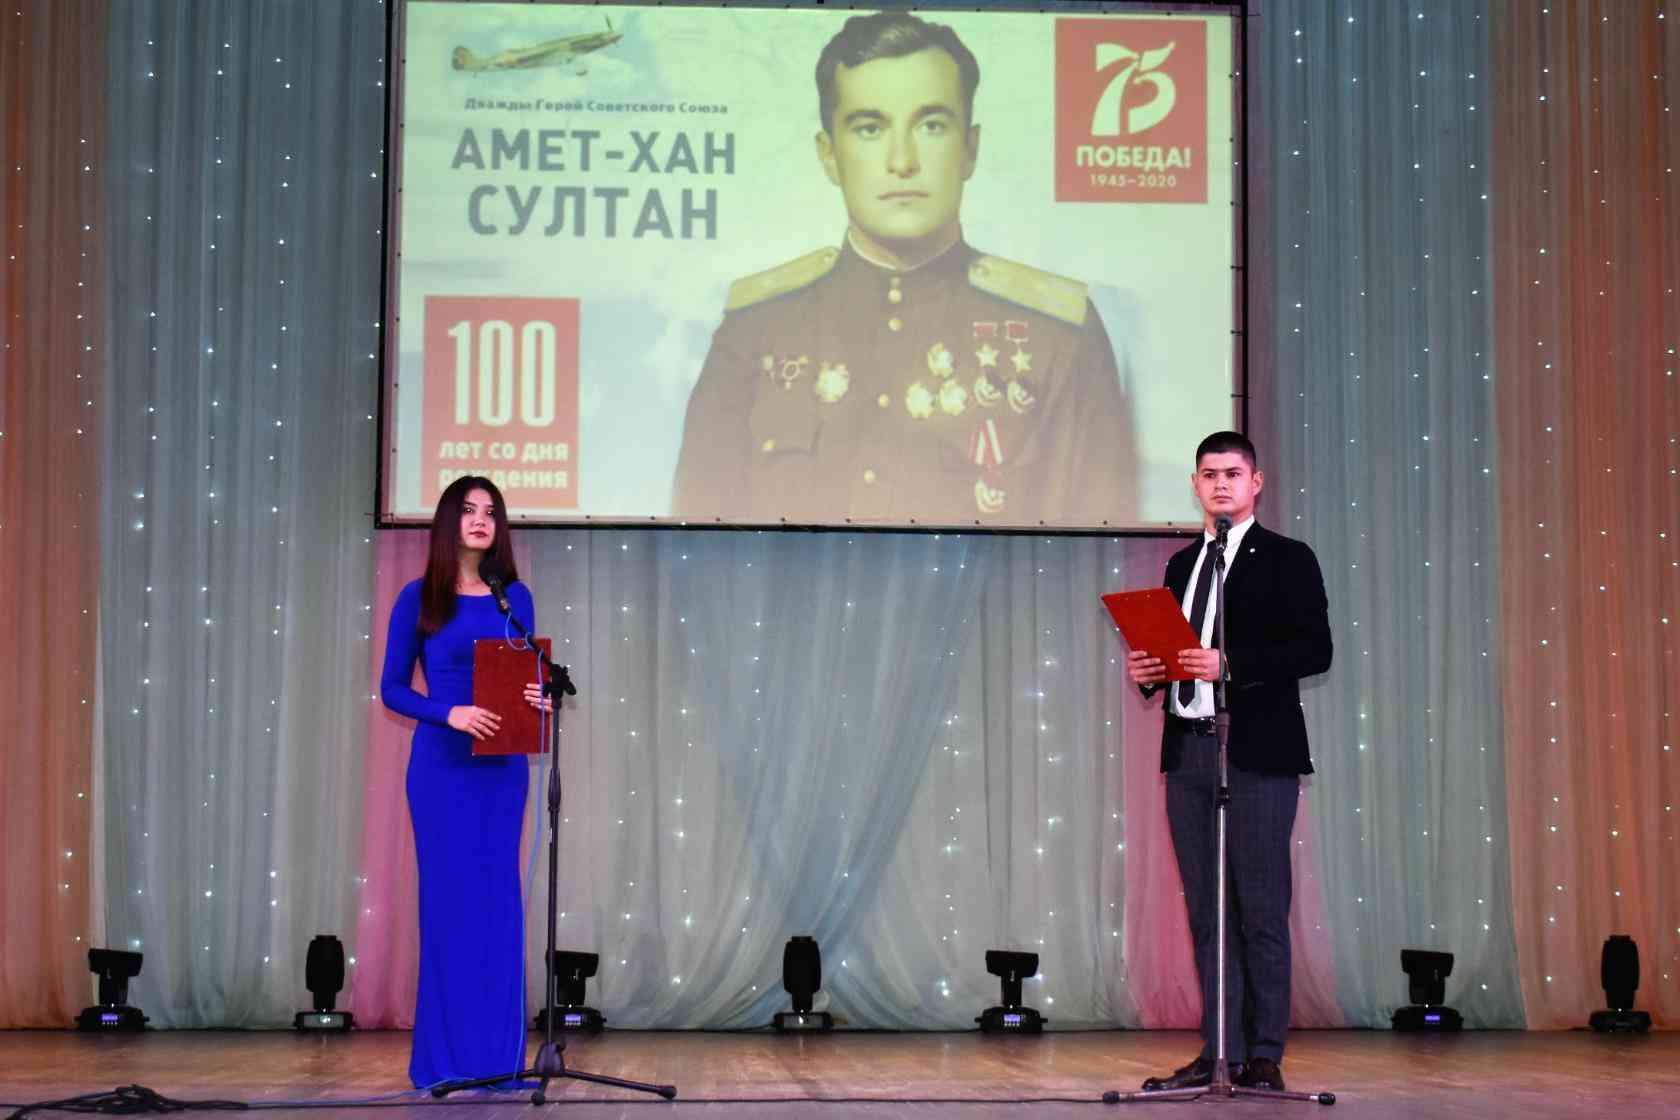 100 лет Амет Хану Султану